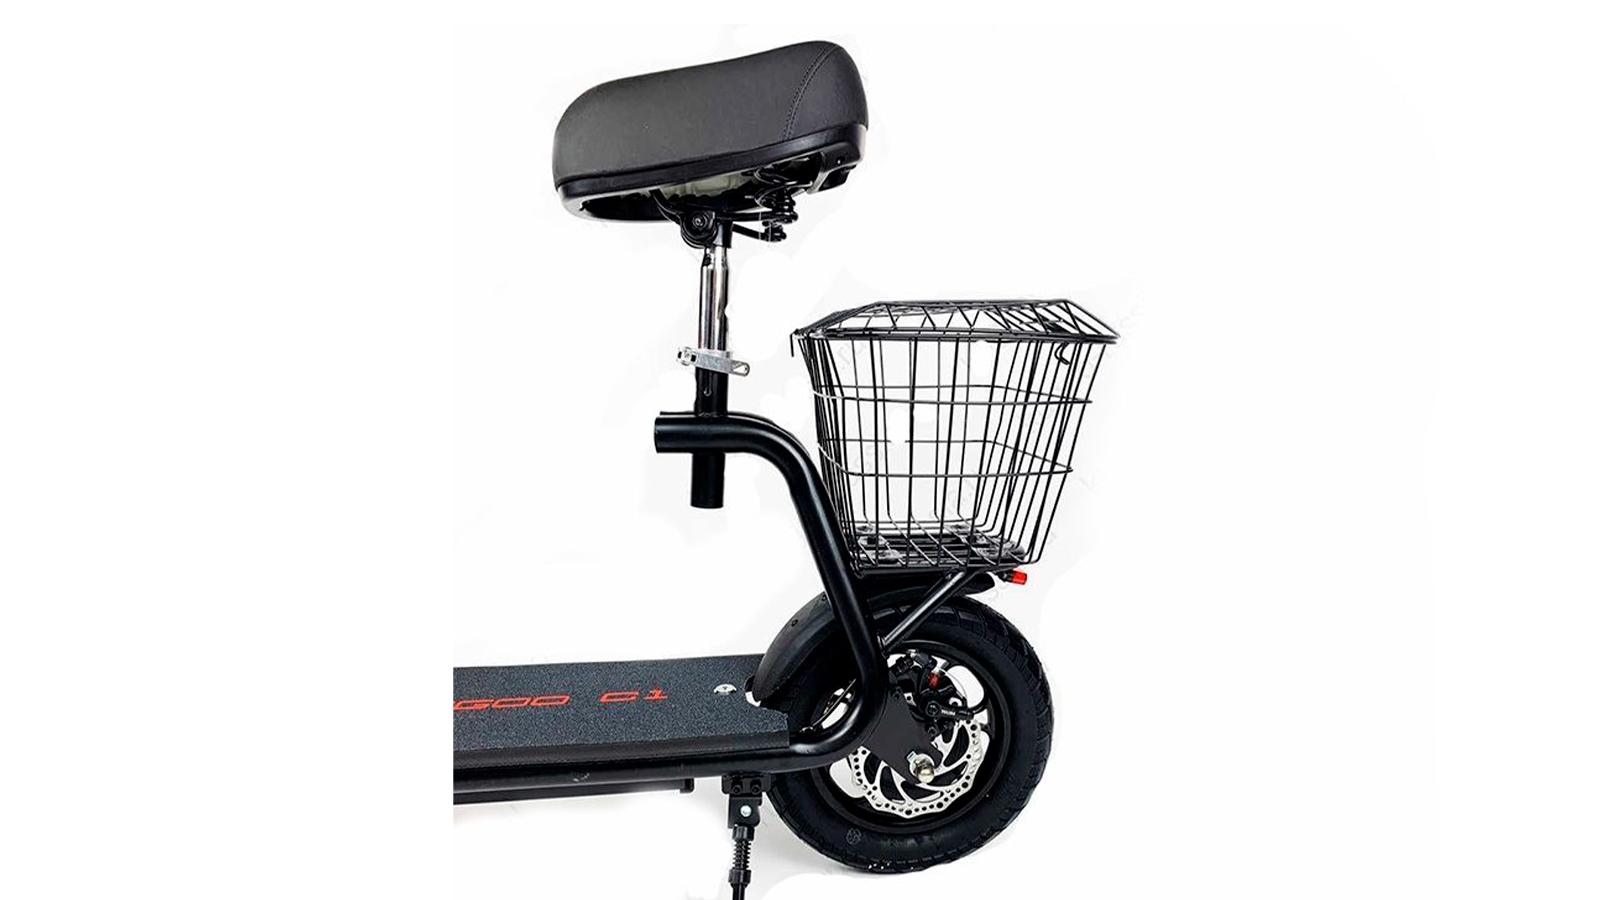 заднее колесо, корзина и сидение электросамоката Kugoo C1